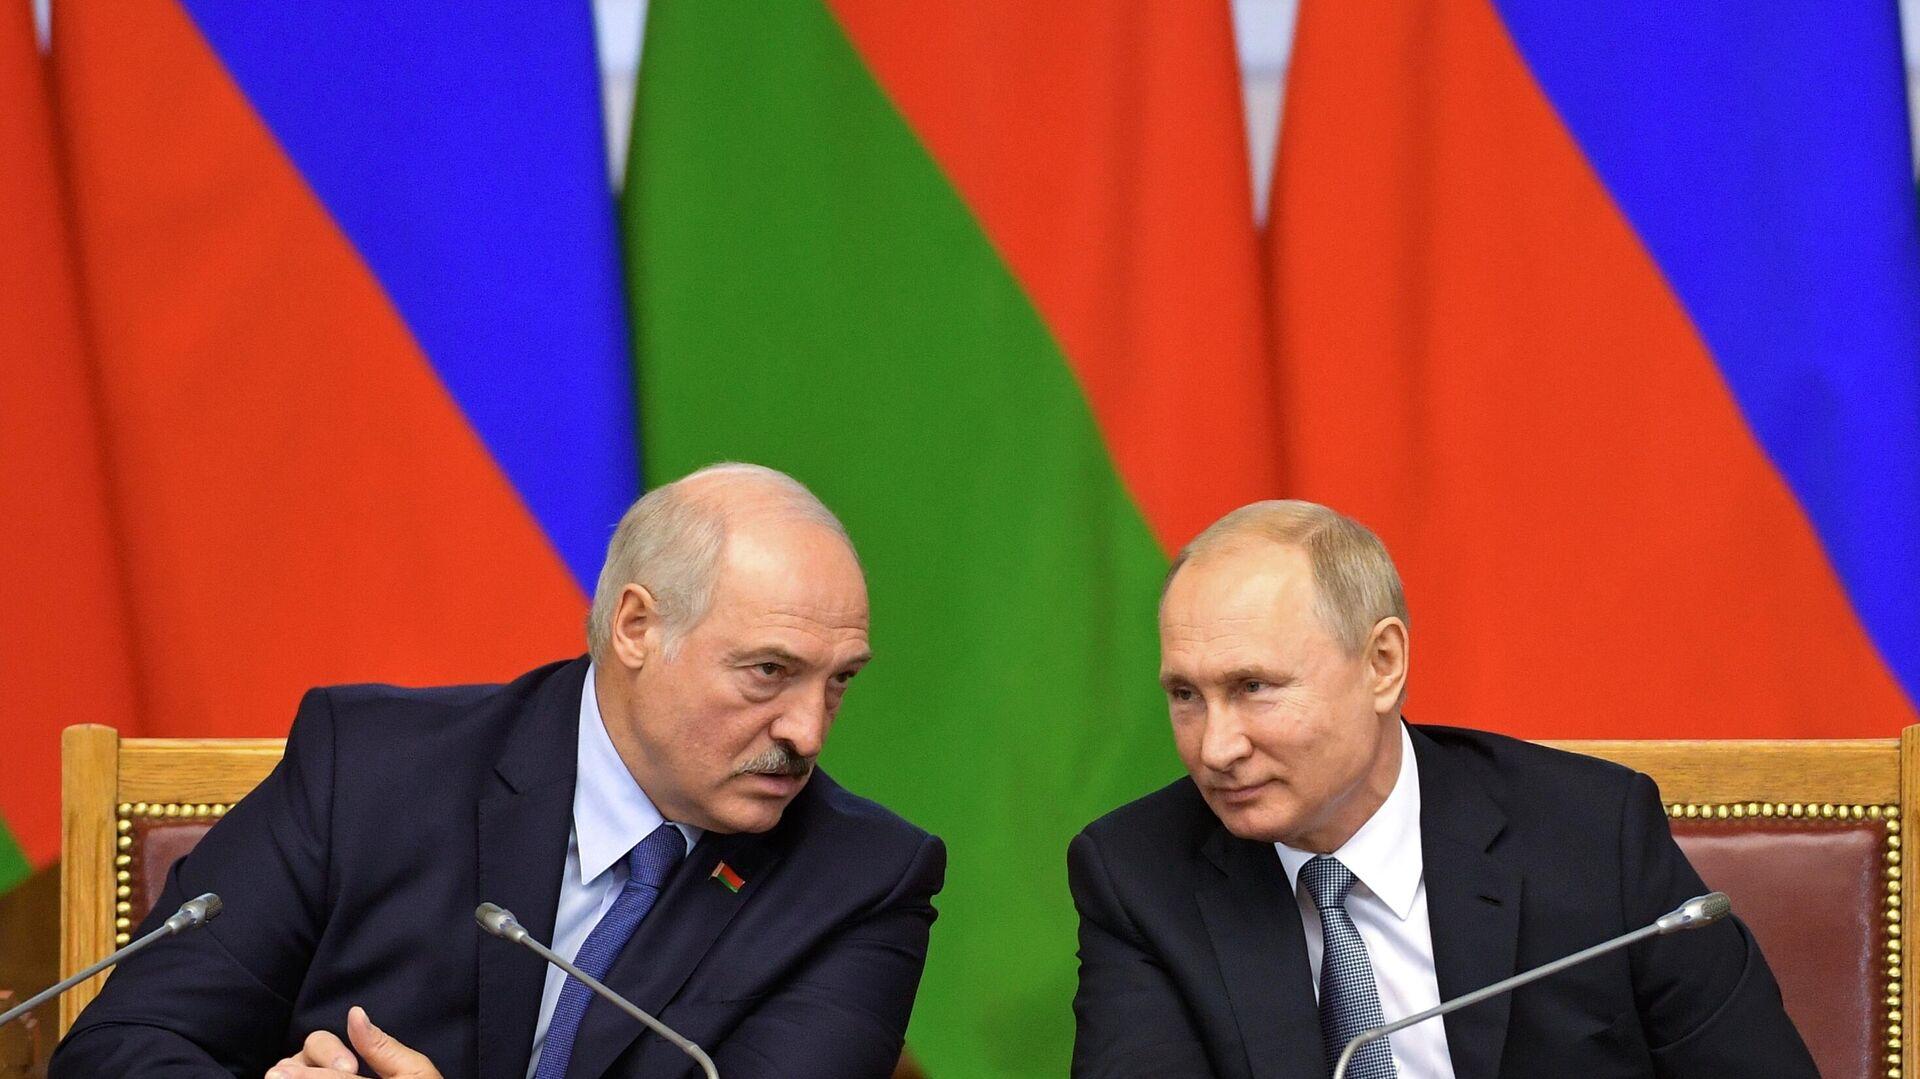 Президент РФ Владимир Путин и президент Беларуси Александр Лукашенко, архивное фото - Sputnik Таджикистан, 1920, 11.09.2021